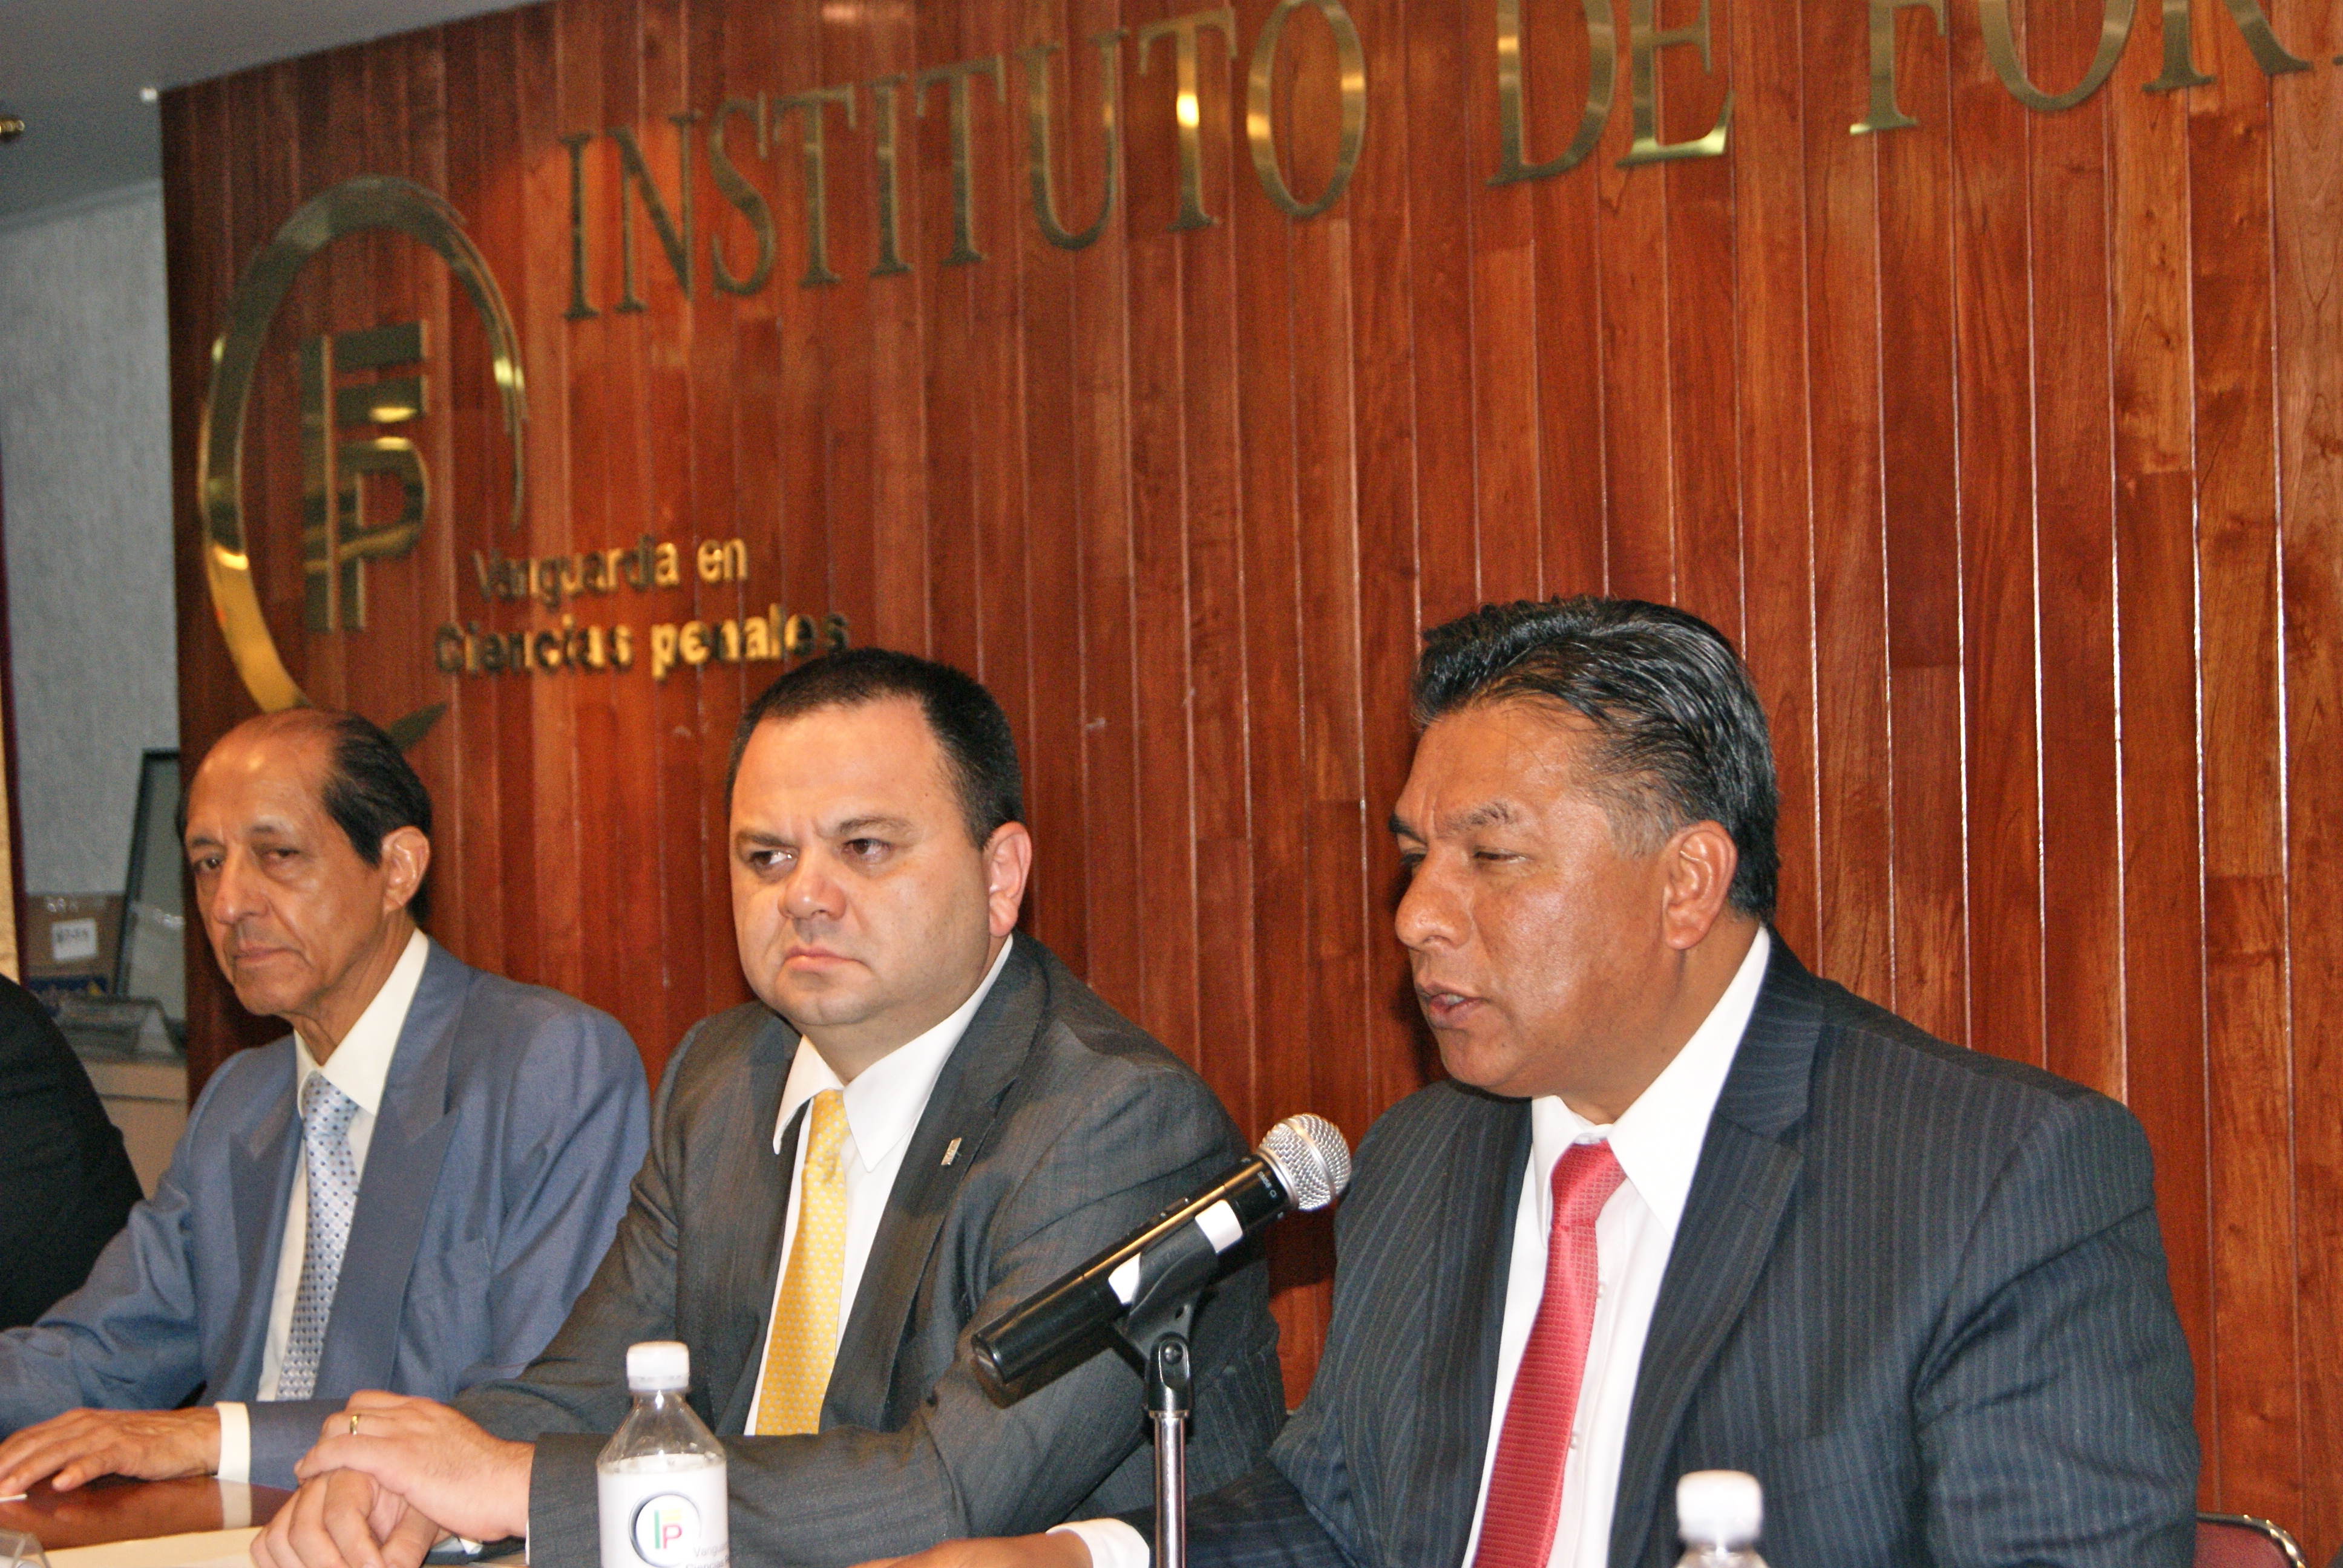 Jueces de Juicio Oral presentan su libro en el Distrito Federal